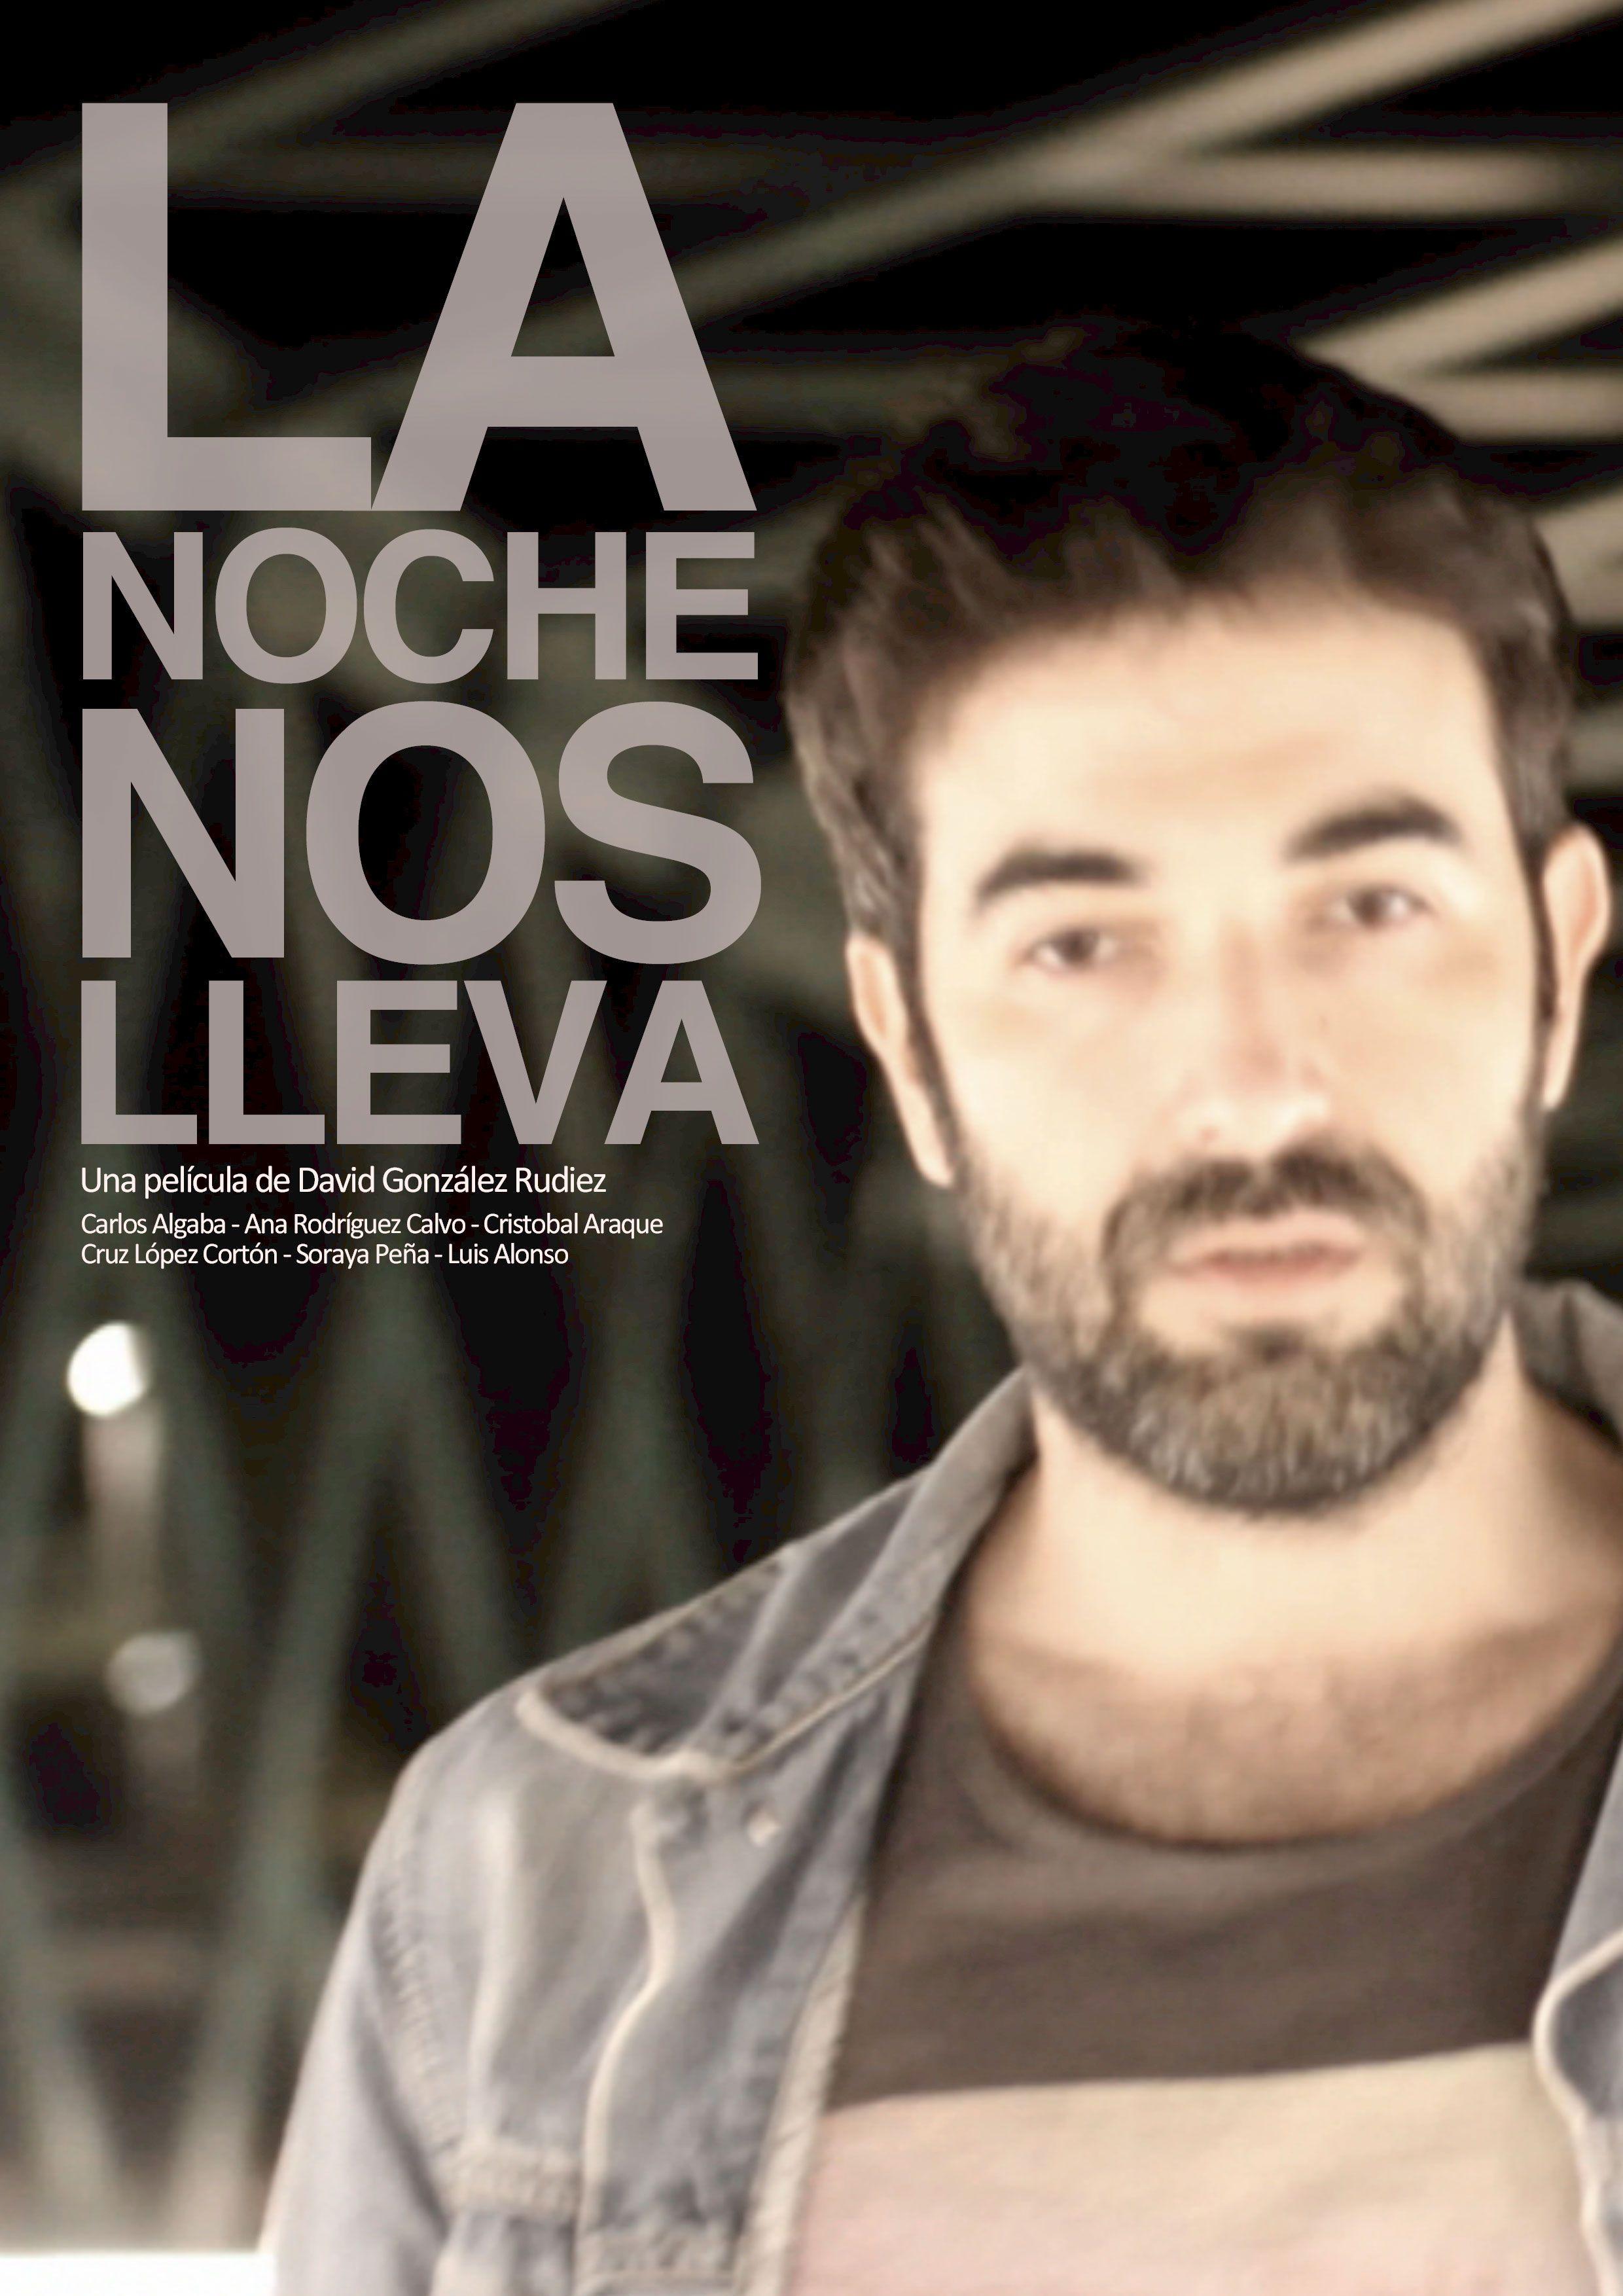 &quote;La noche nos lleva&quote; en la Semana del Cine Vasco de Vitoria